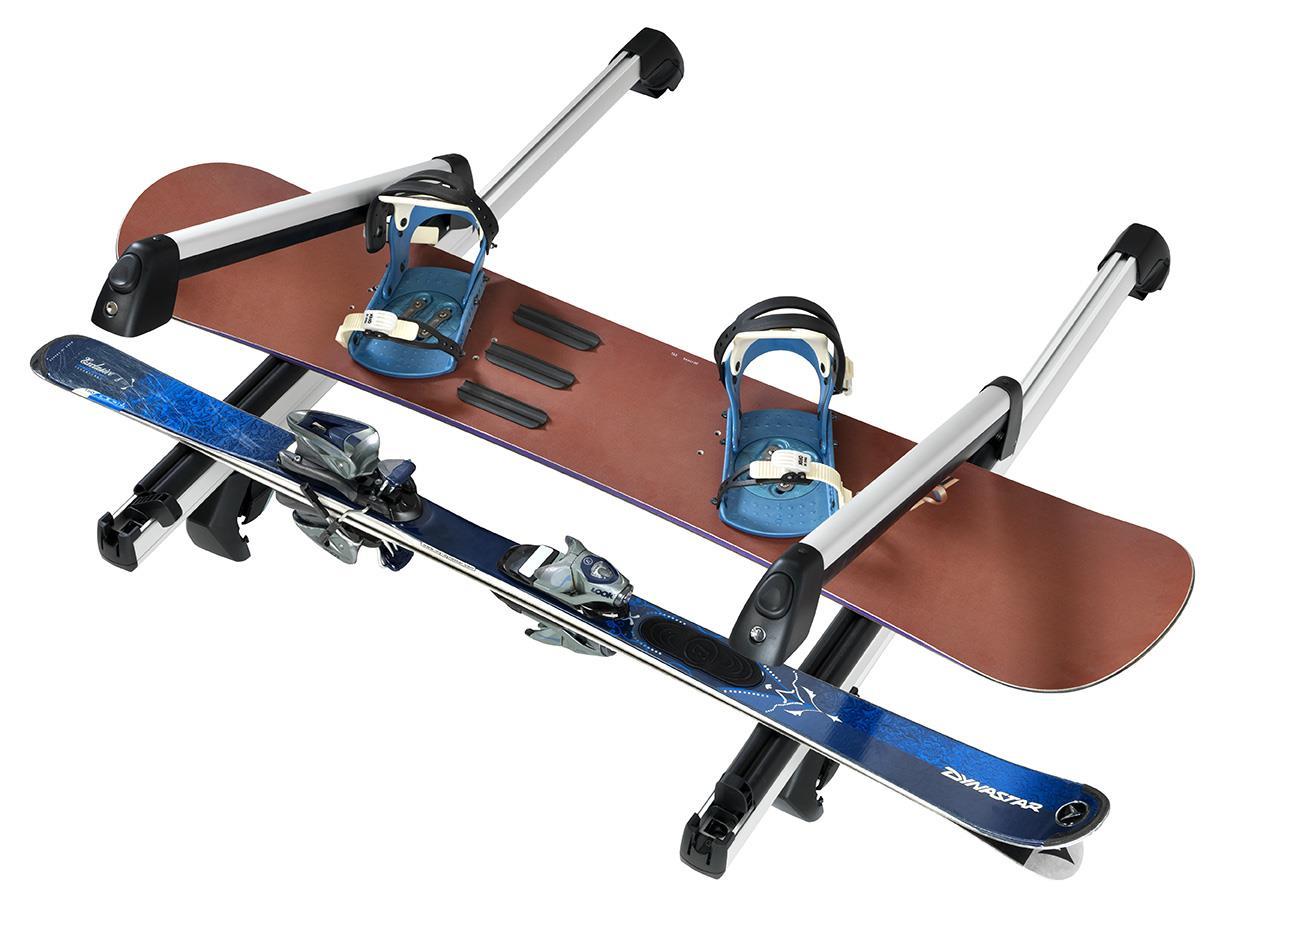 Volkswagen Touareg 3 6l 6 Cylinder Snowboard Wakeboard